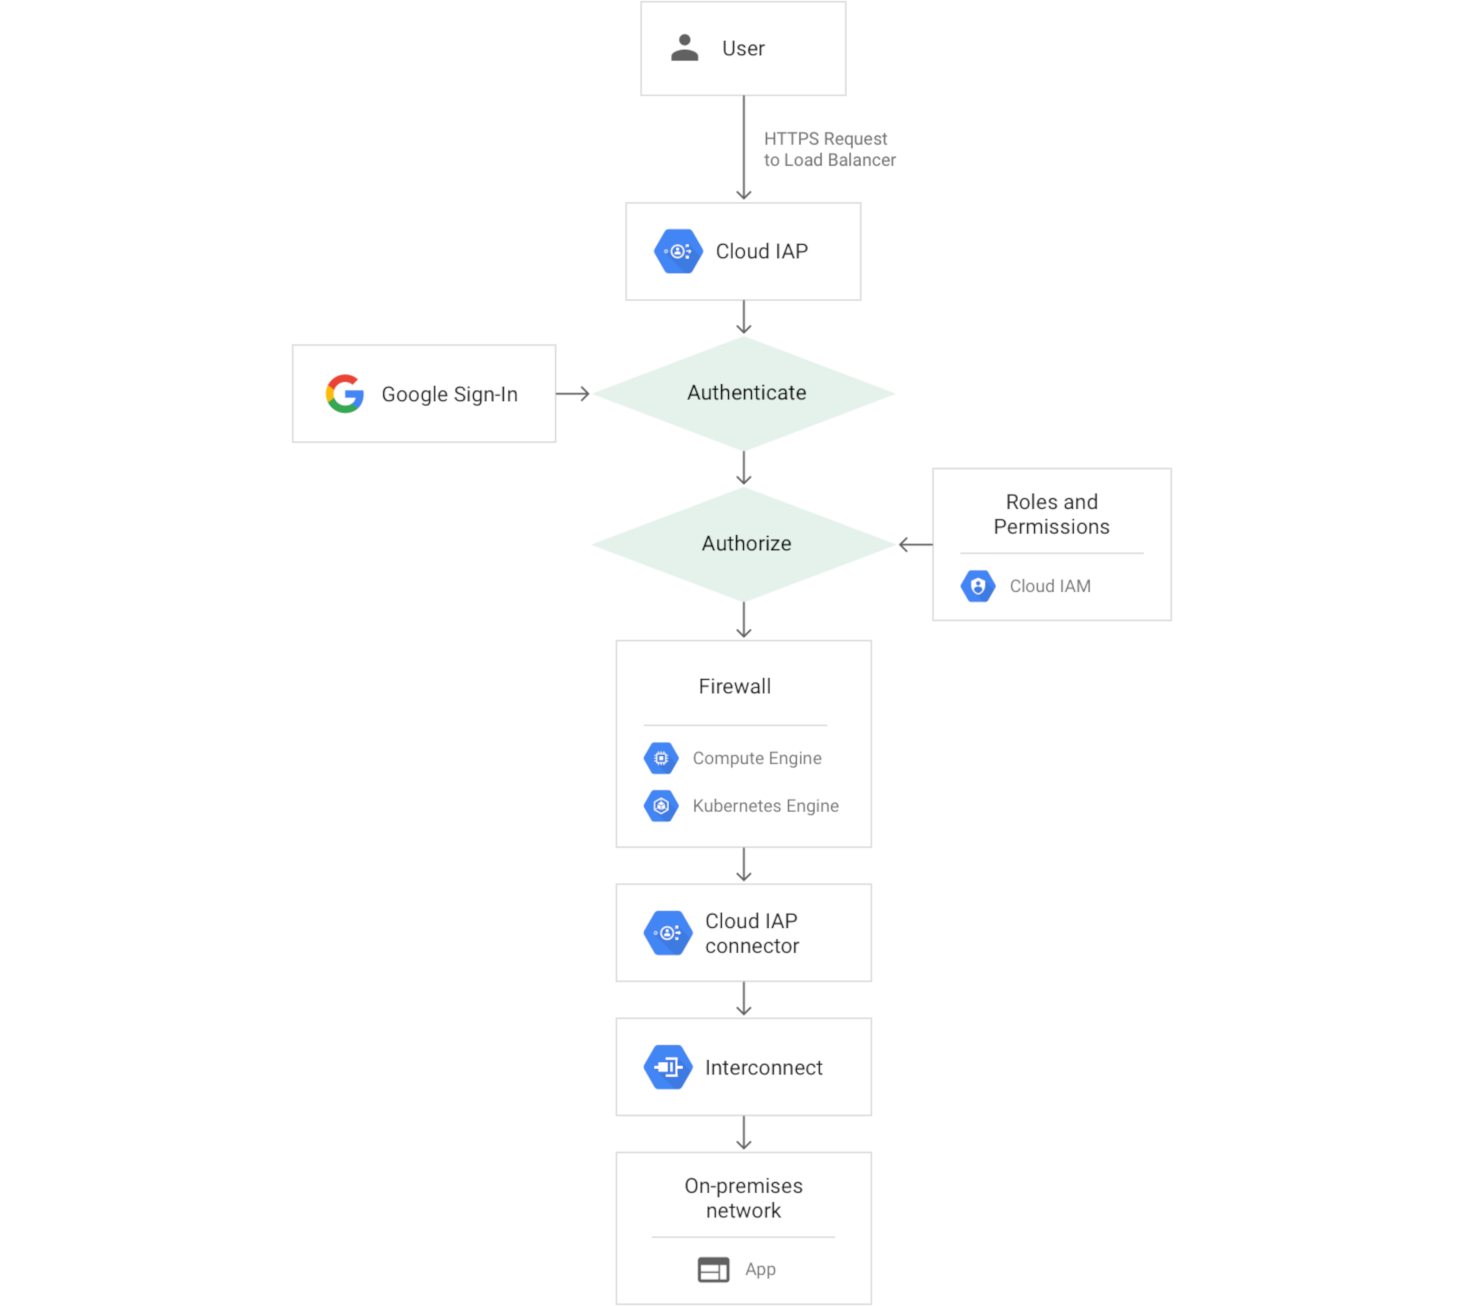 diagrama do caminho de solicitação para um aplicativo local ao usar o Cloud IAP